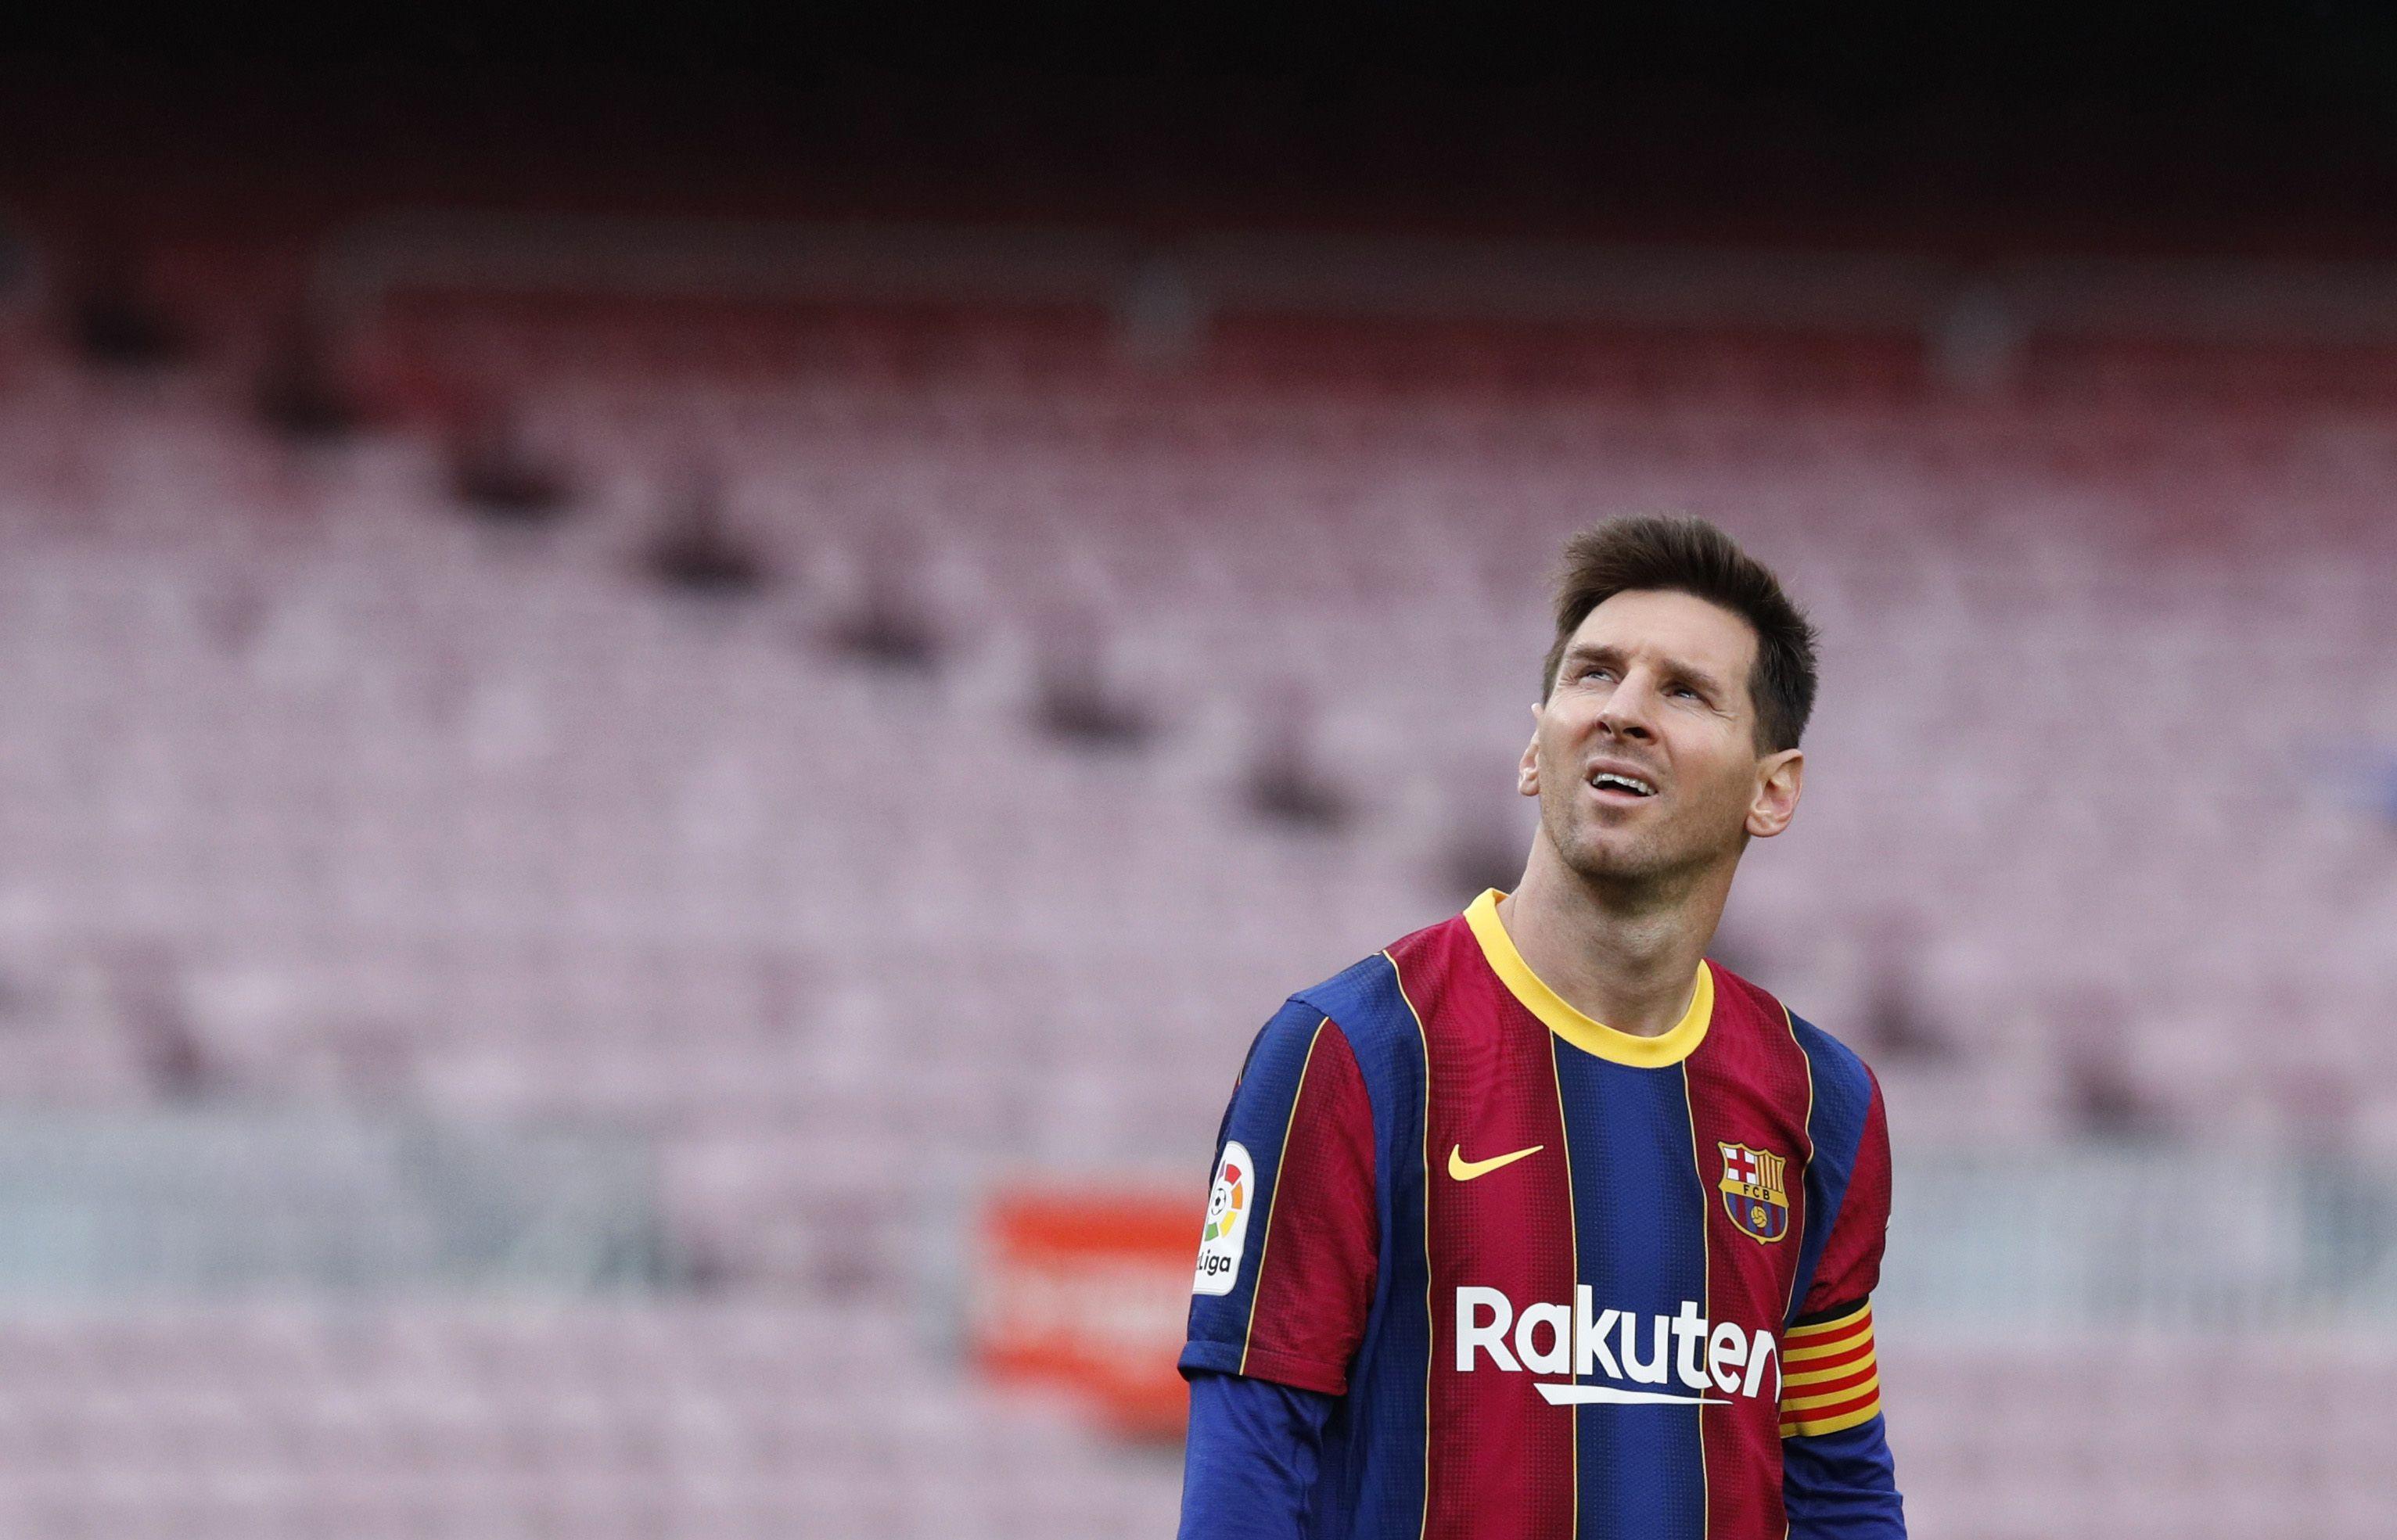 Messi y la casaca del Barcelona, una imagen indivisible... Hasta hoy. Es el máximo goleador de la institución, con 672 conquistas y el jugador con más partidos oficiales disputados, con 778 (REUTERS/Albert Gea)